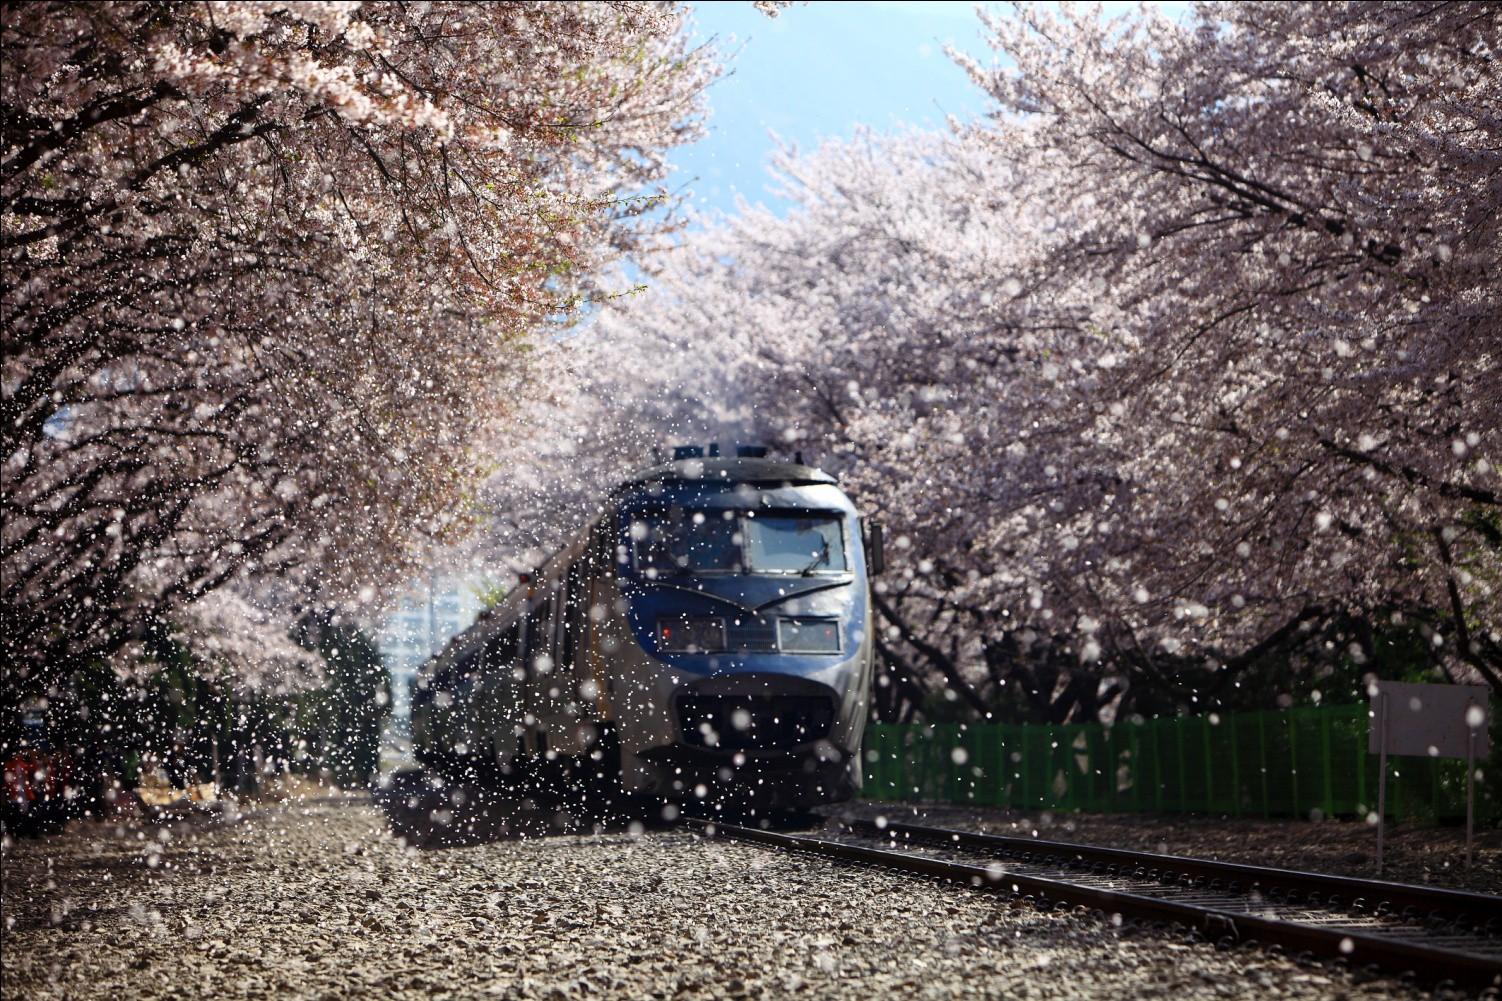 Đến Hàn Quốc vào tháng 3, tháng 4 để được đắm chìm trong thế giới lãng mạn của hoa anh đào - Ảnh 1.